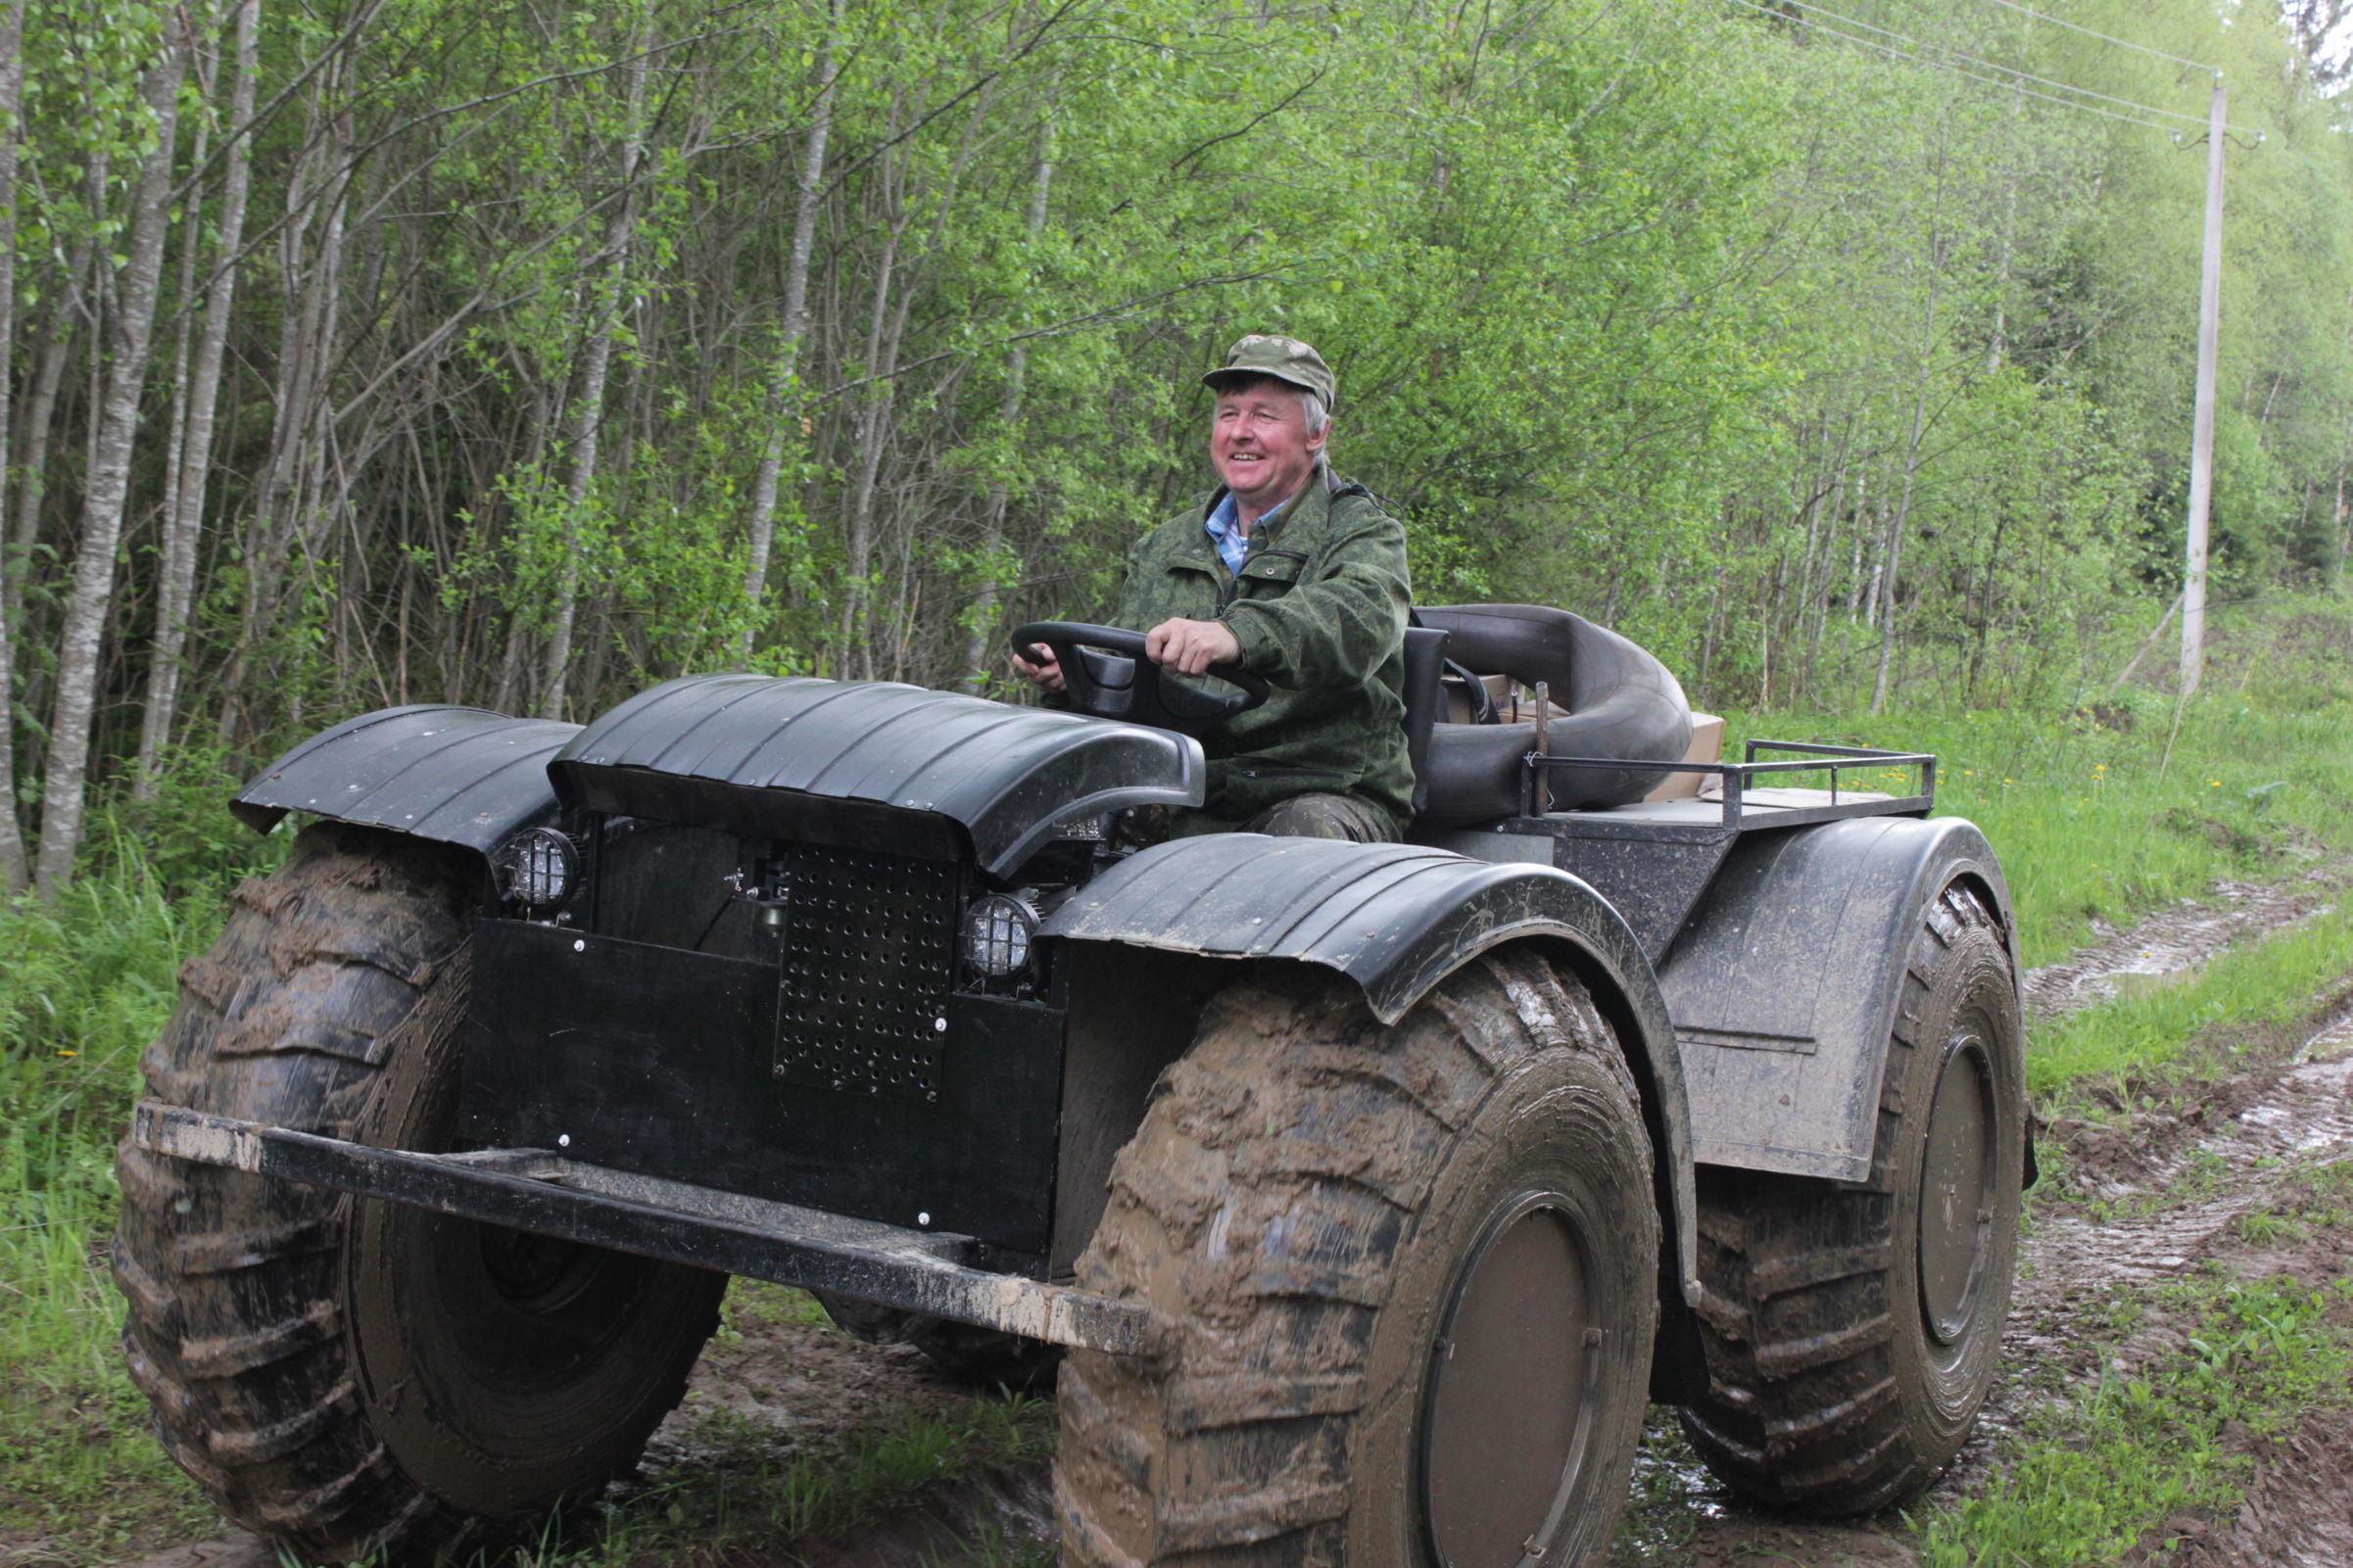 Ярославцы могут поддержать «почтового Рэмбо» на вездеходе во всероссийском проекте «Героям – быть!»